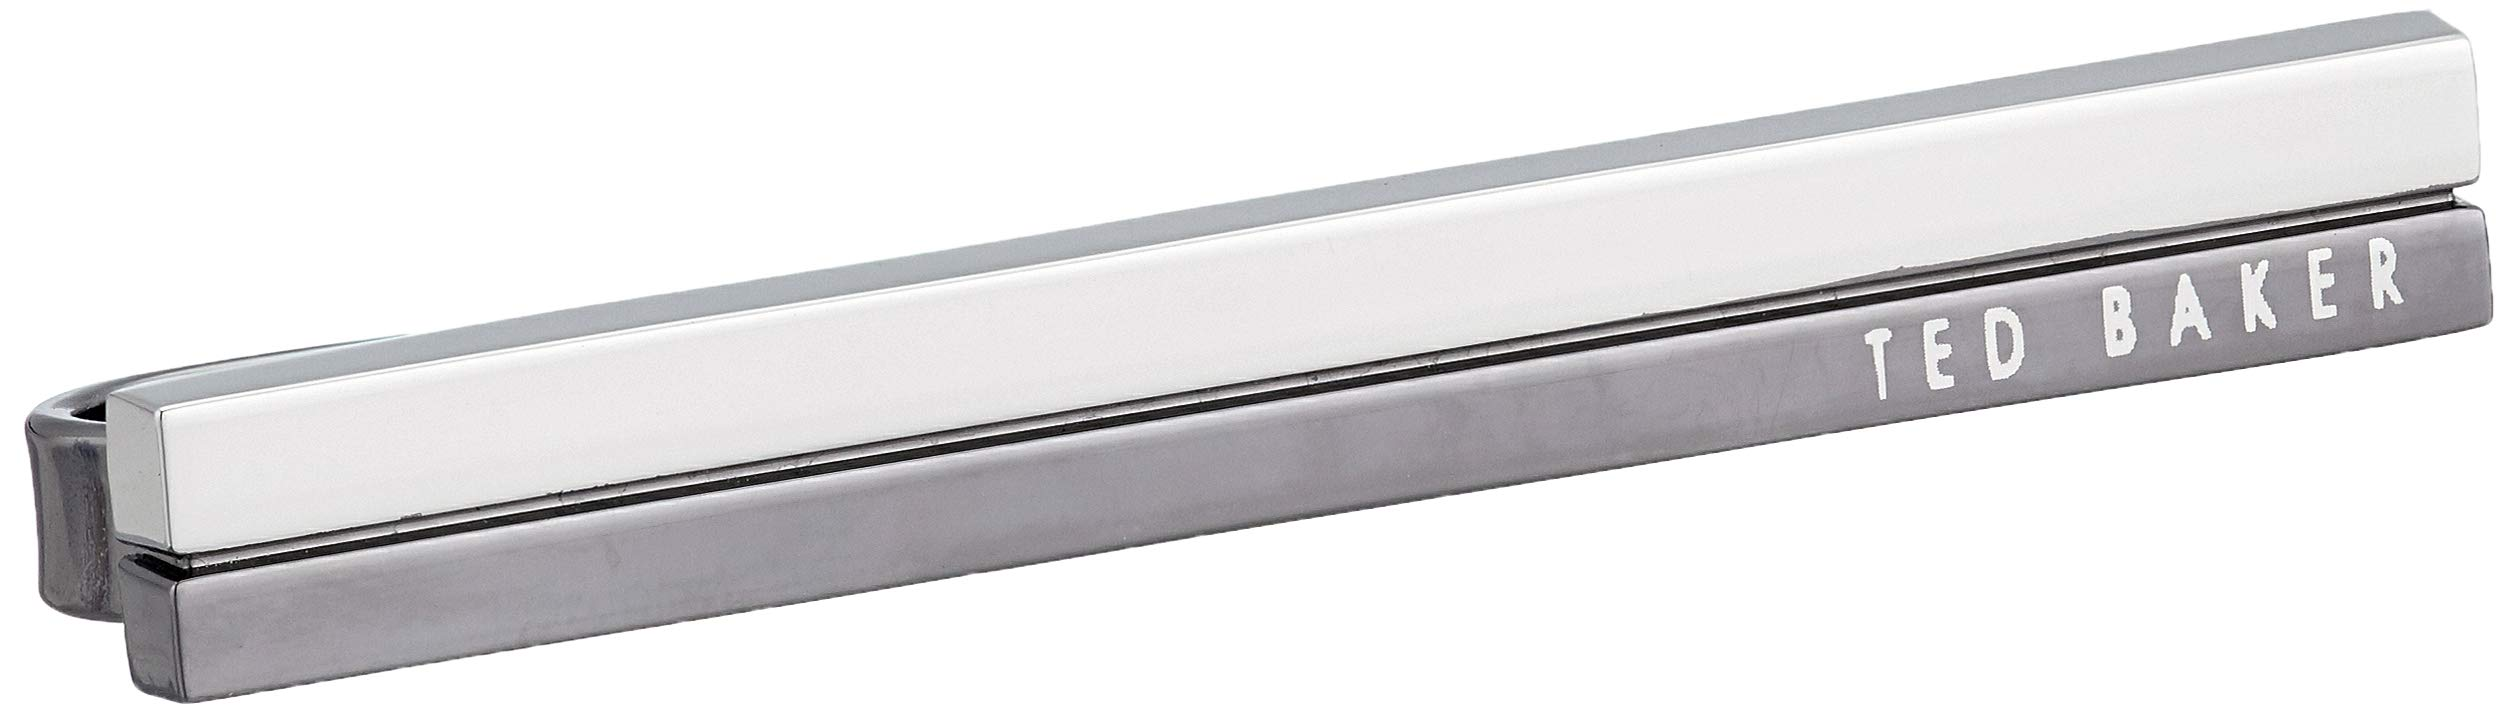 Ted Baker Men's NECROM Tie Bar, gunmetal, O/S